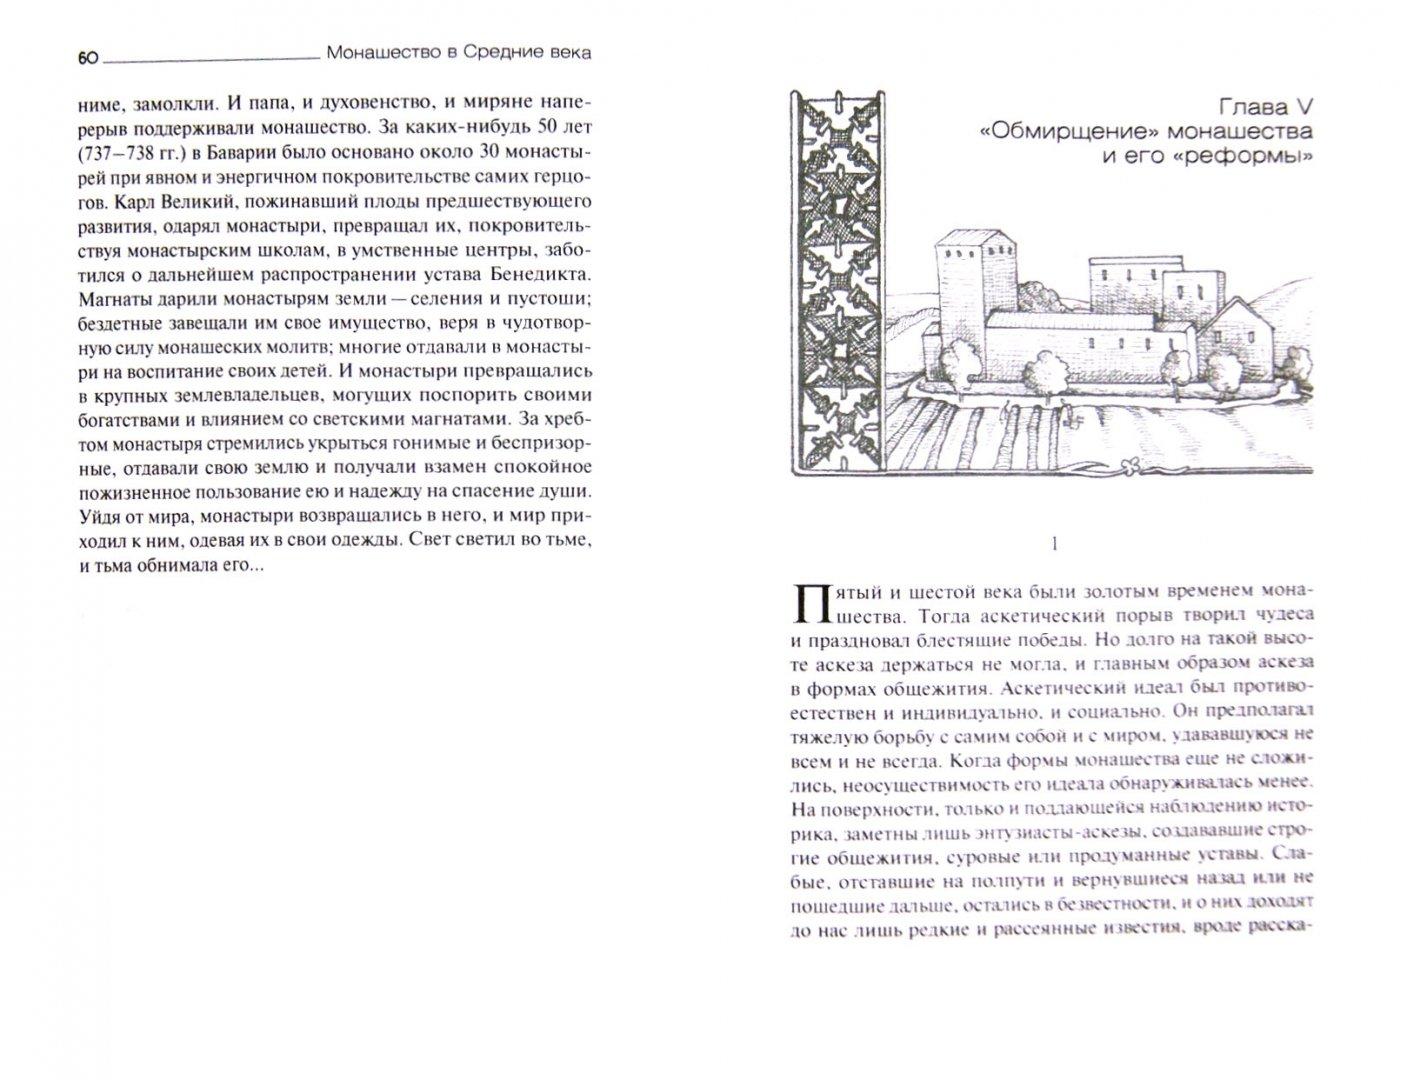 Иллюстрация 1 из 12 для Монашество в Средние века - Лев Карсавин | Лабиринт - книги. Источник: Лабиринт